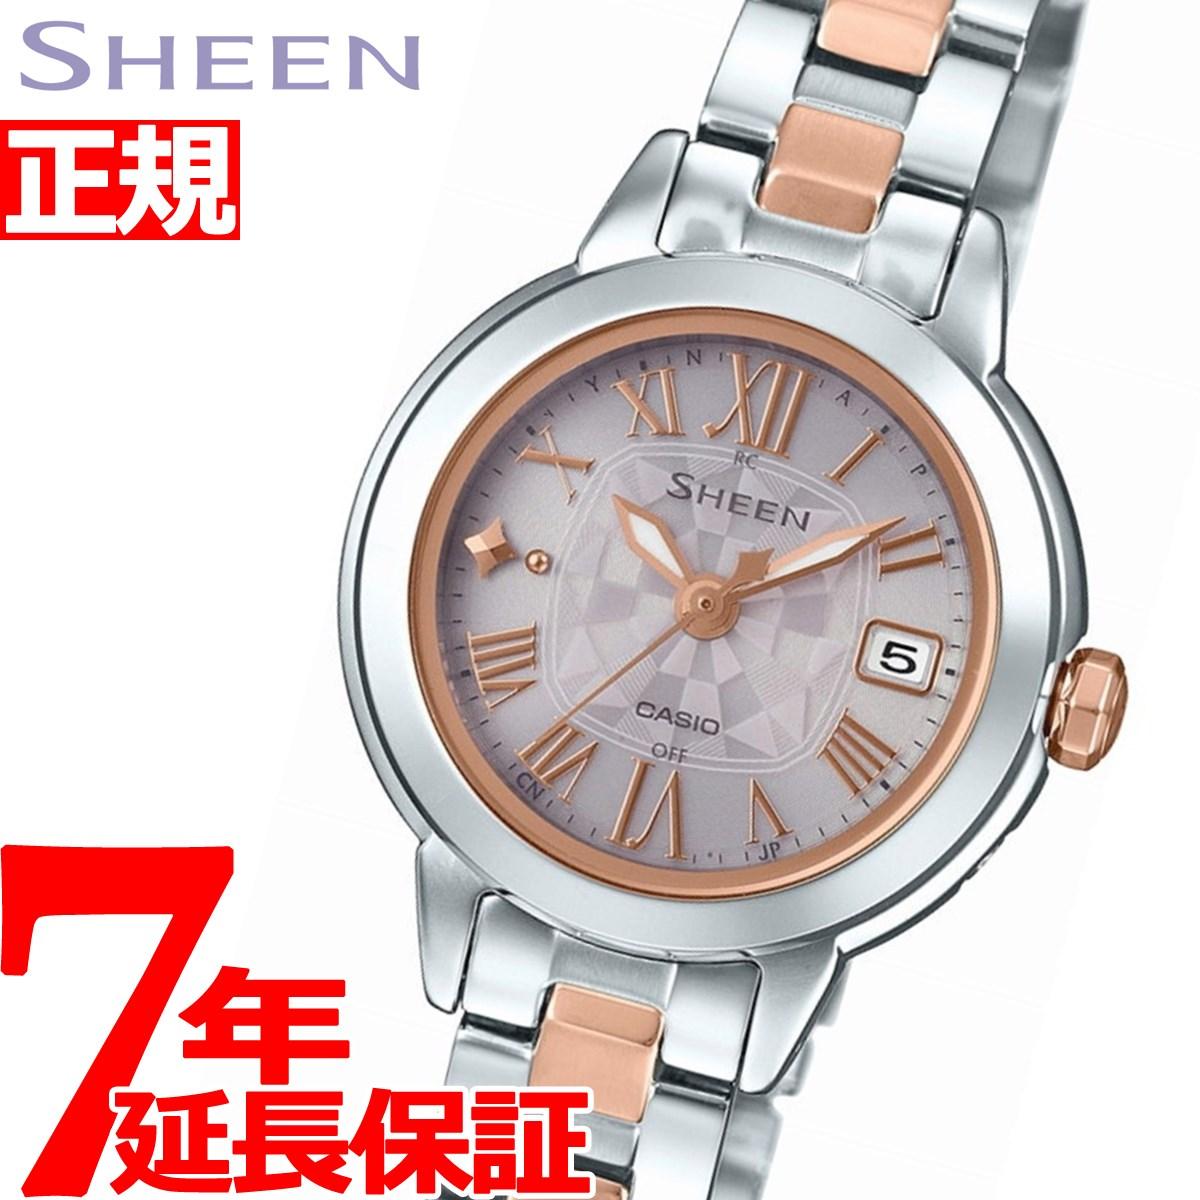 カシオ シーン CASIO SHEEN 電波 ソーラー 電波時計 腕時計 レディース SHW-5000DSG-9AJF